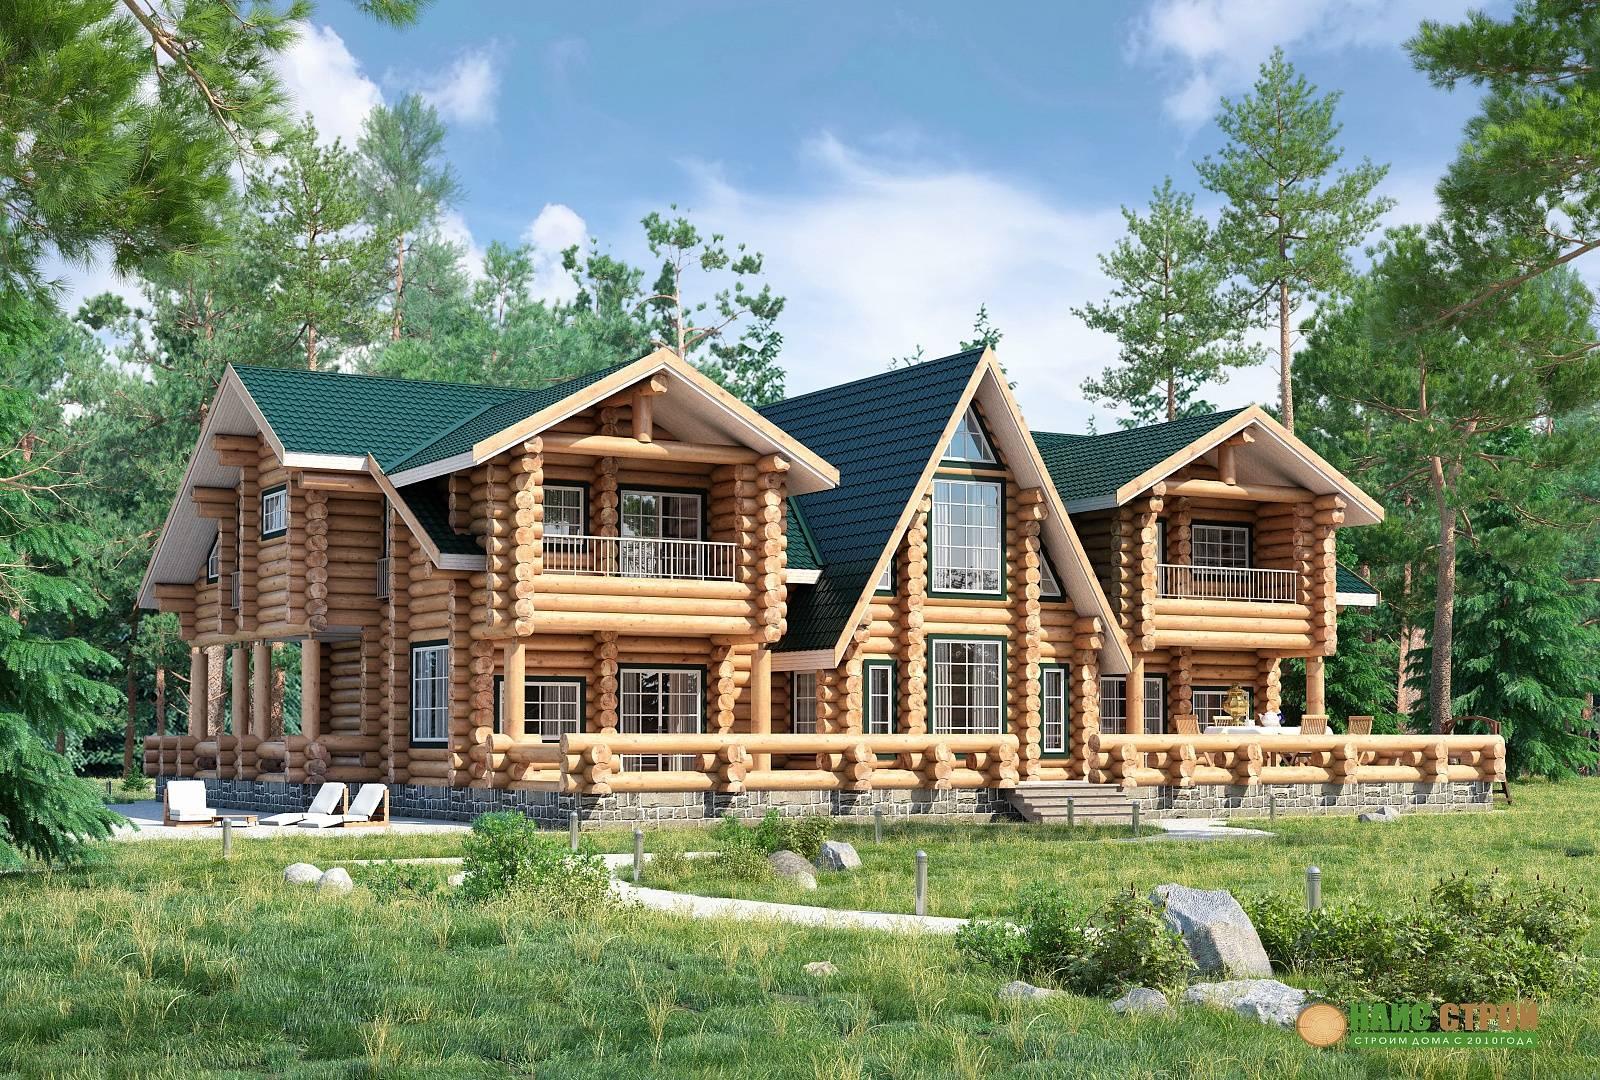 Строительство домов из бревна: как построить недорогой и экологичный дом